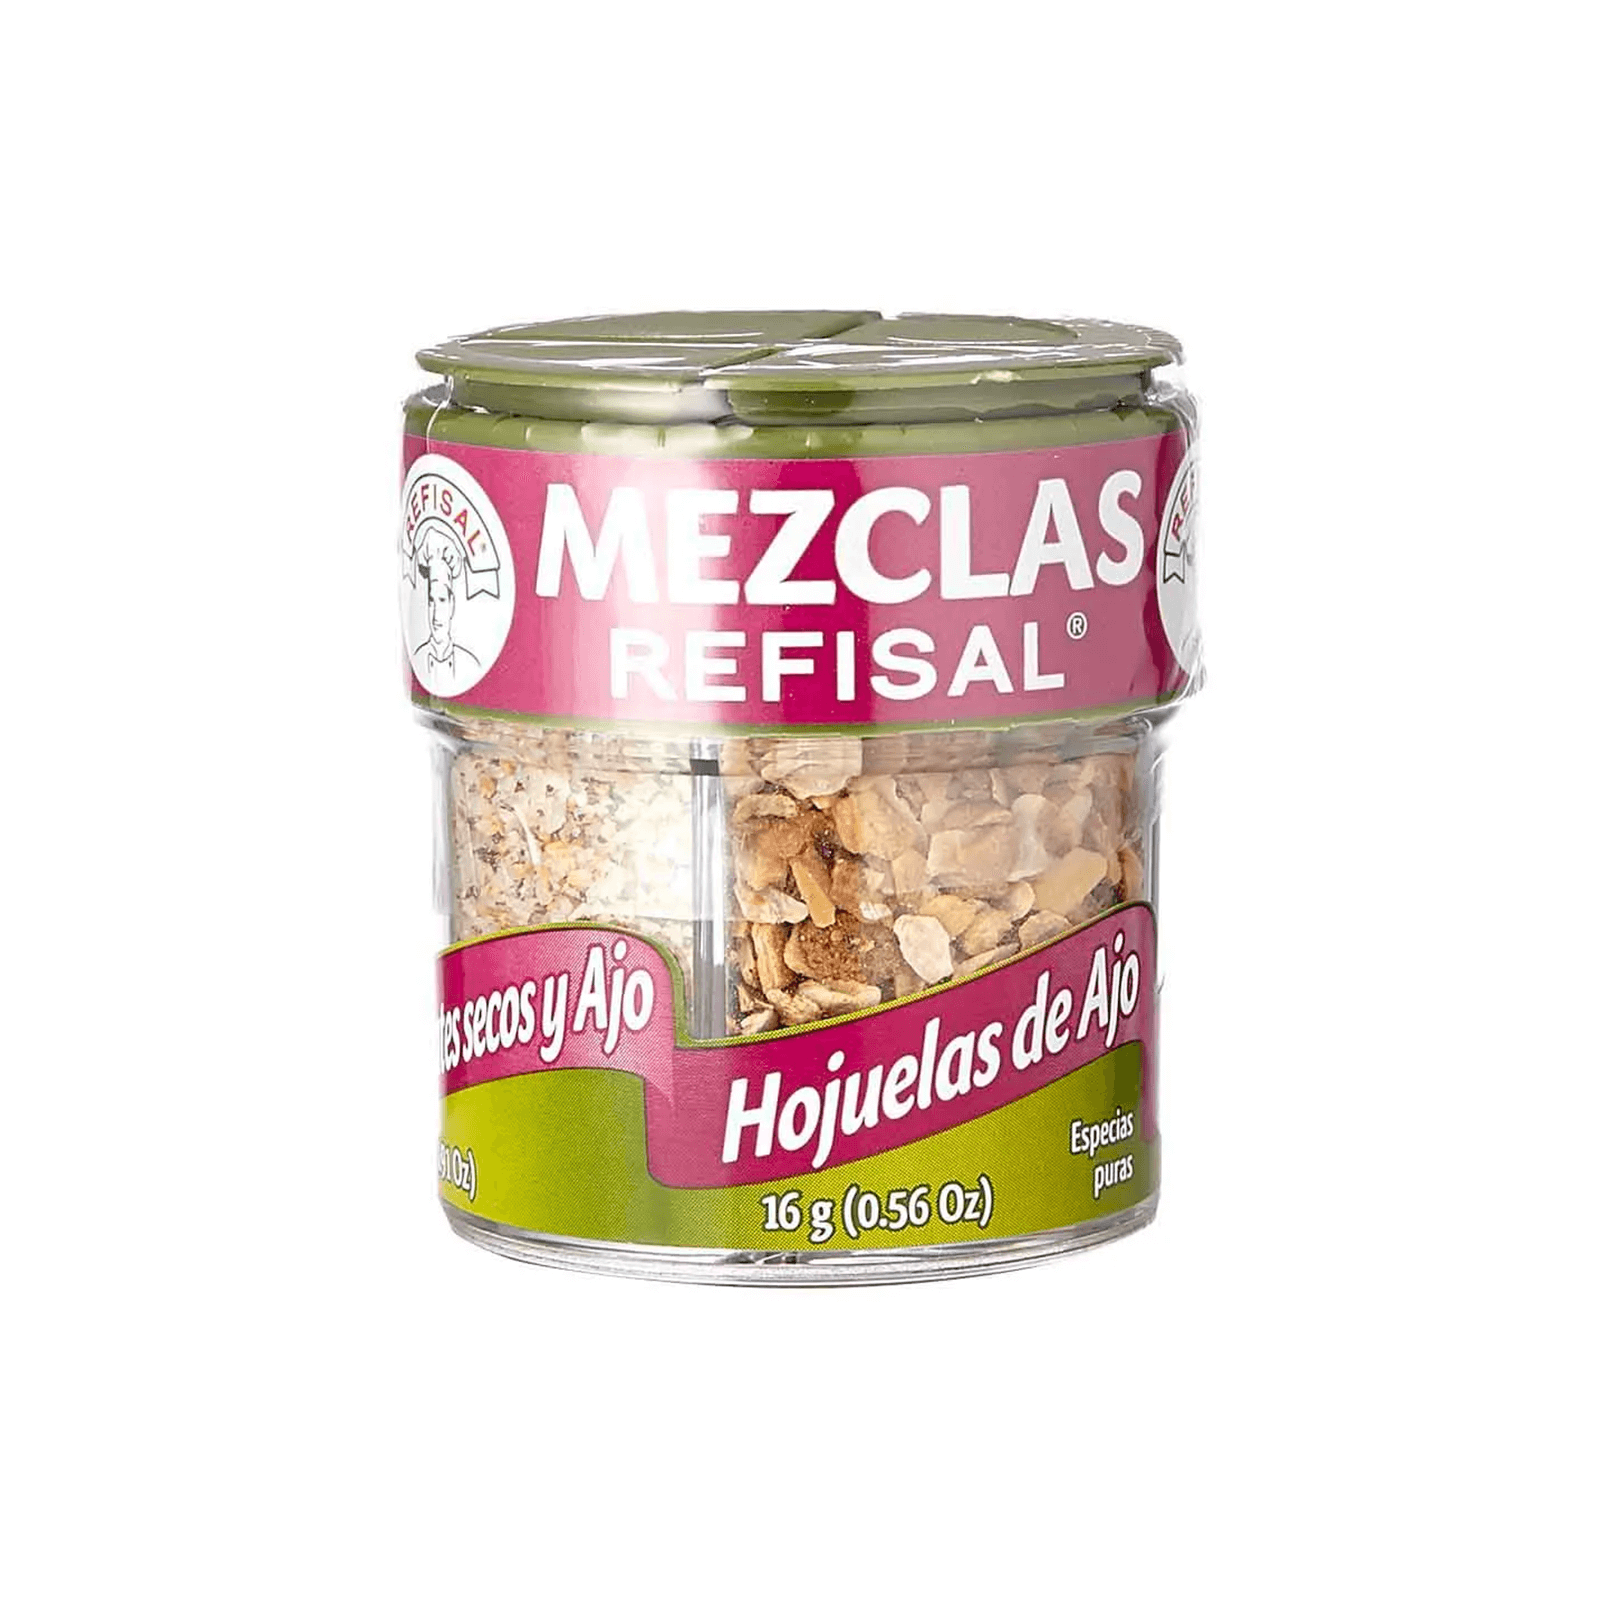 Mezclas Refisal Ajo